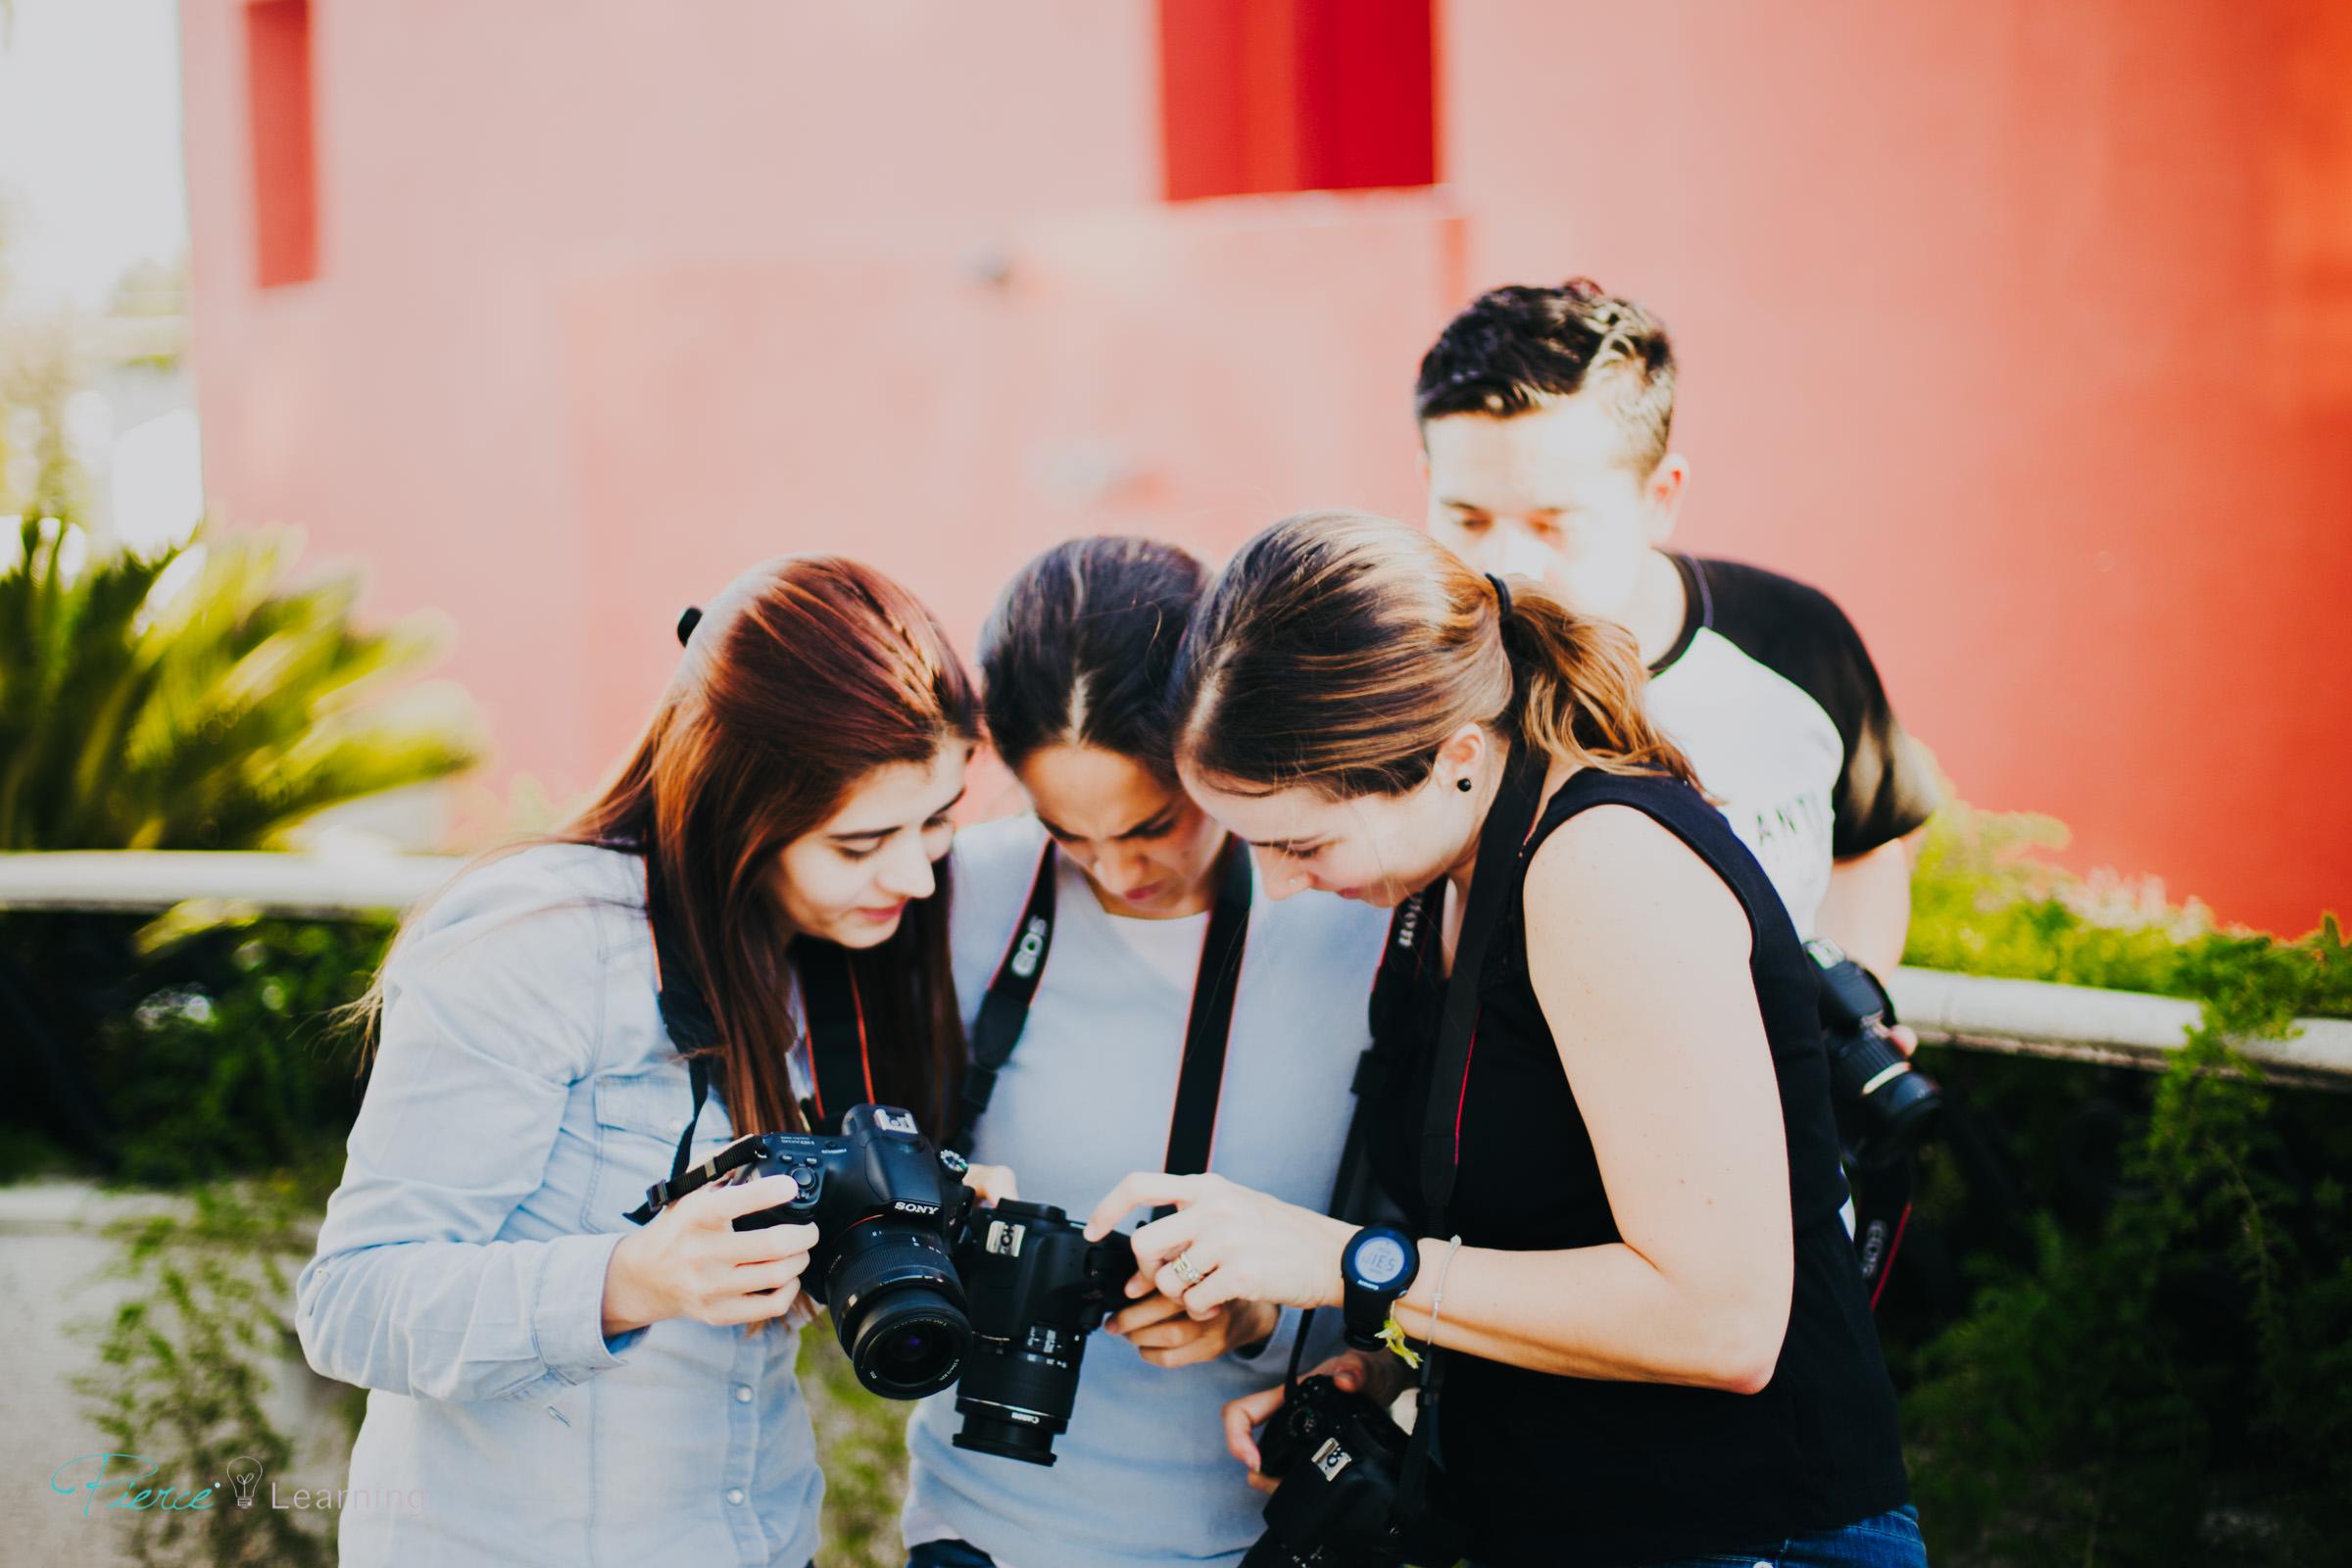 Workshop-Curso-Fotografia-Leon-Guanajuato-Mexico-Pierce-78.jpg